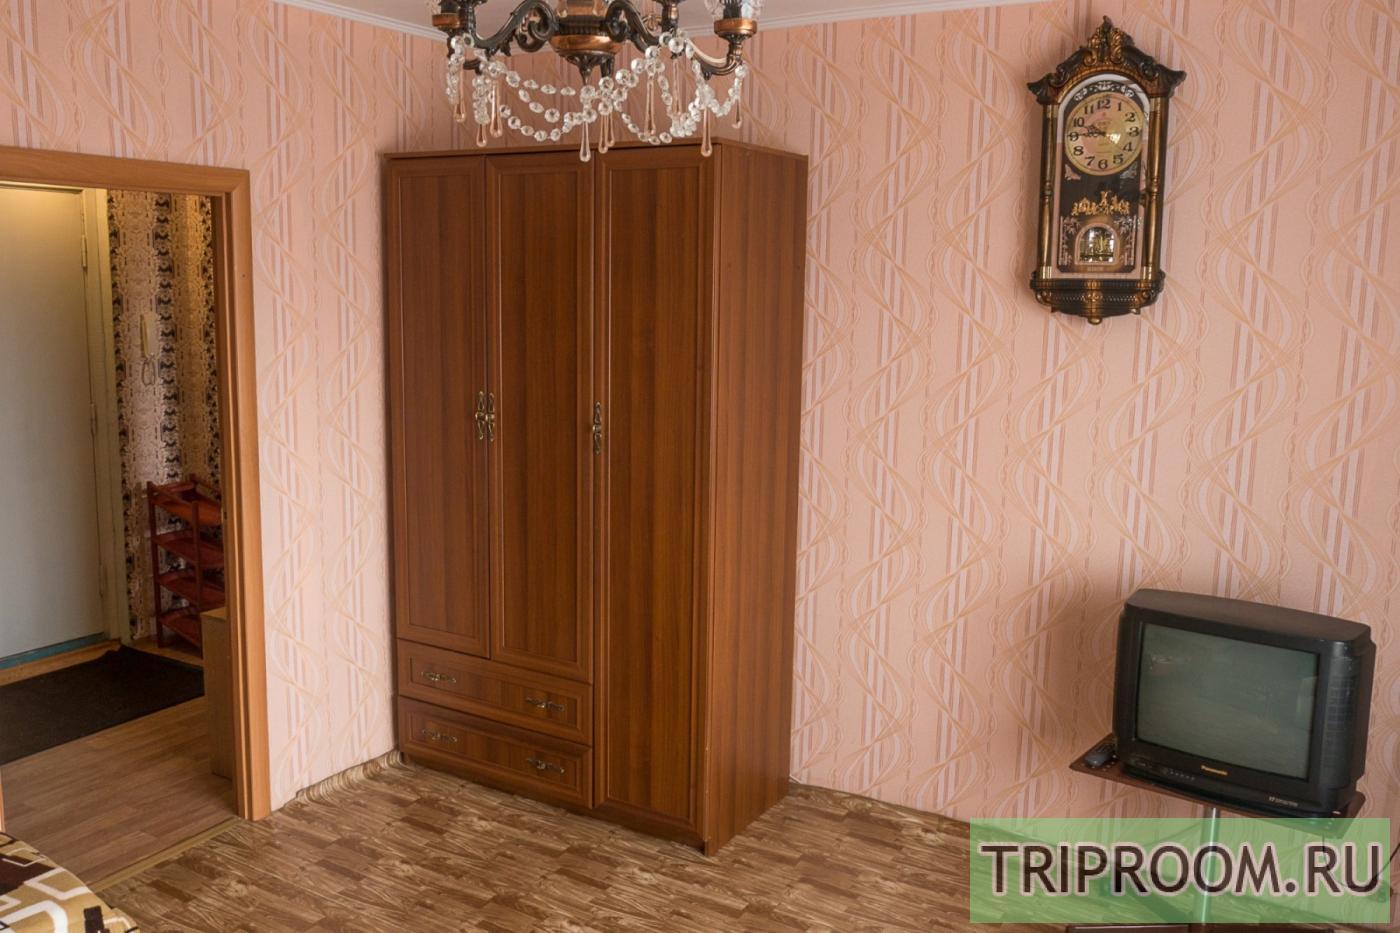 1-комнатная квартира посуточно (вариант № 35008), ул. Побежимова улица, фото № 4